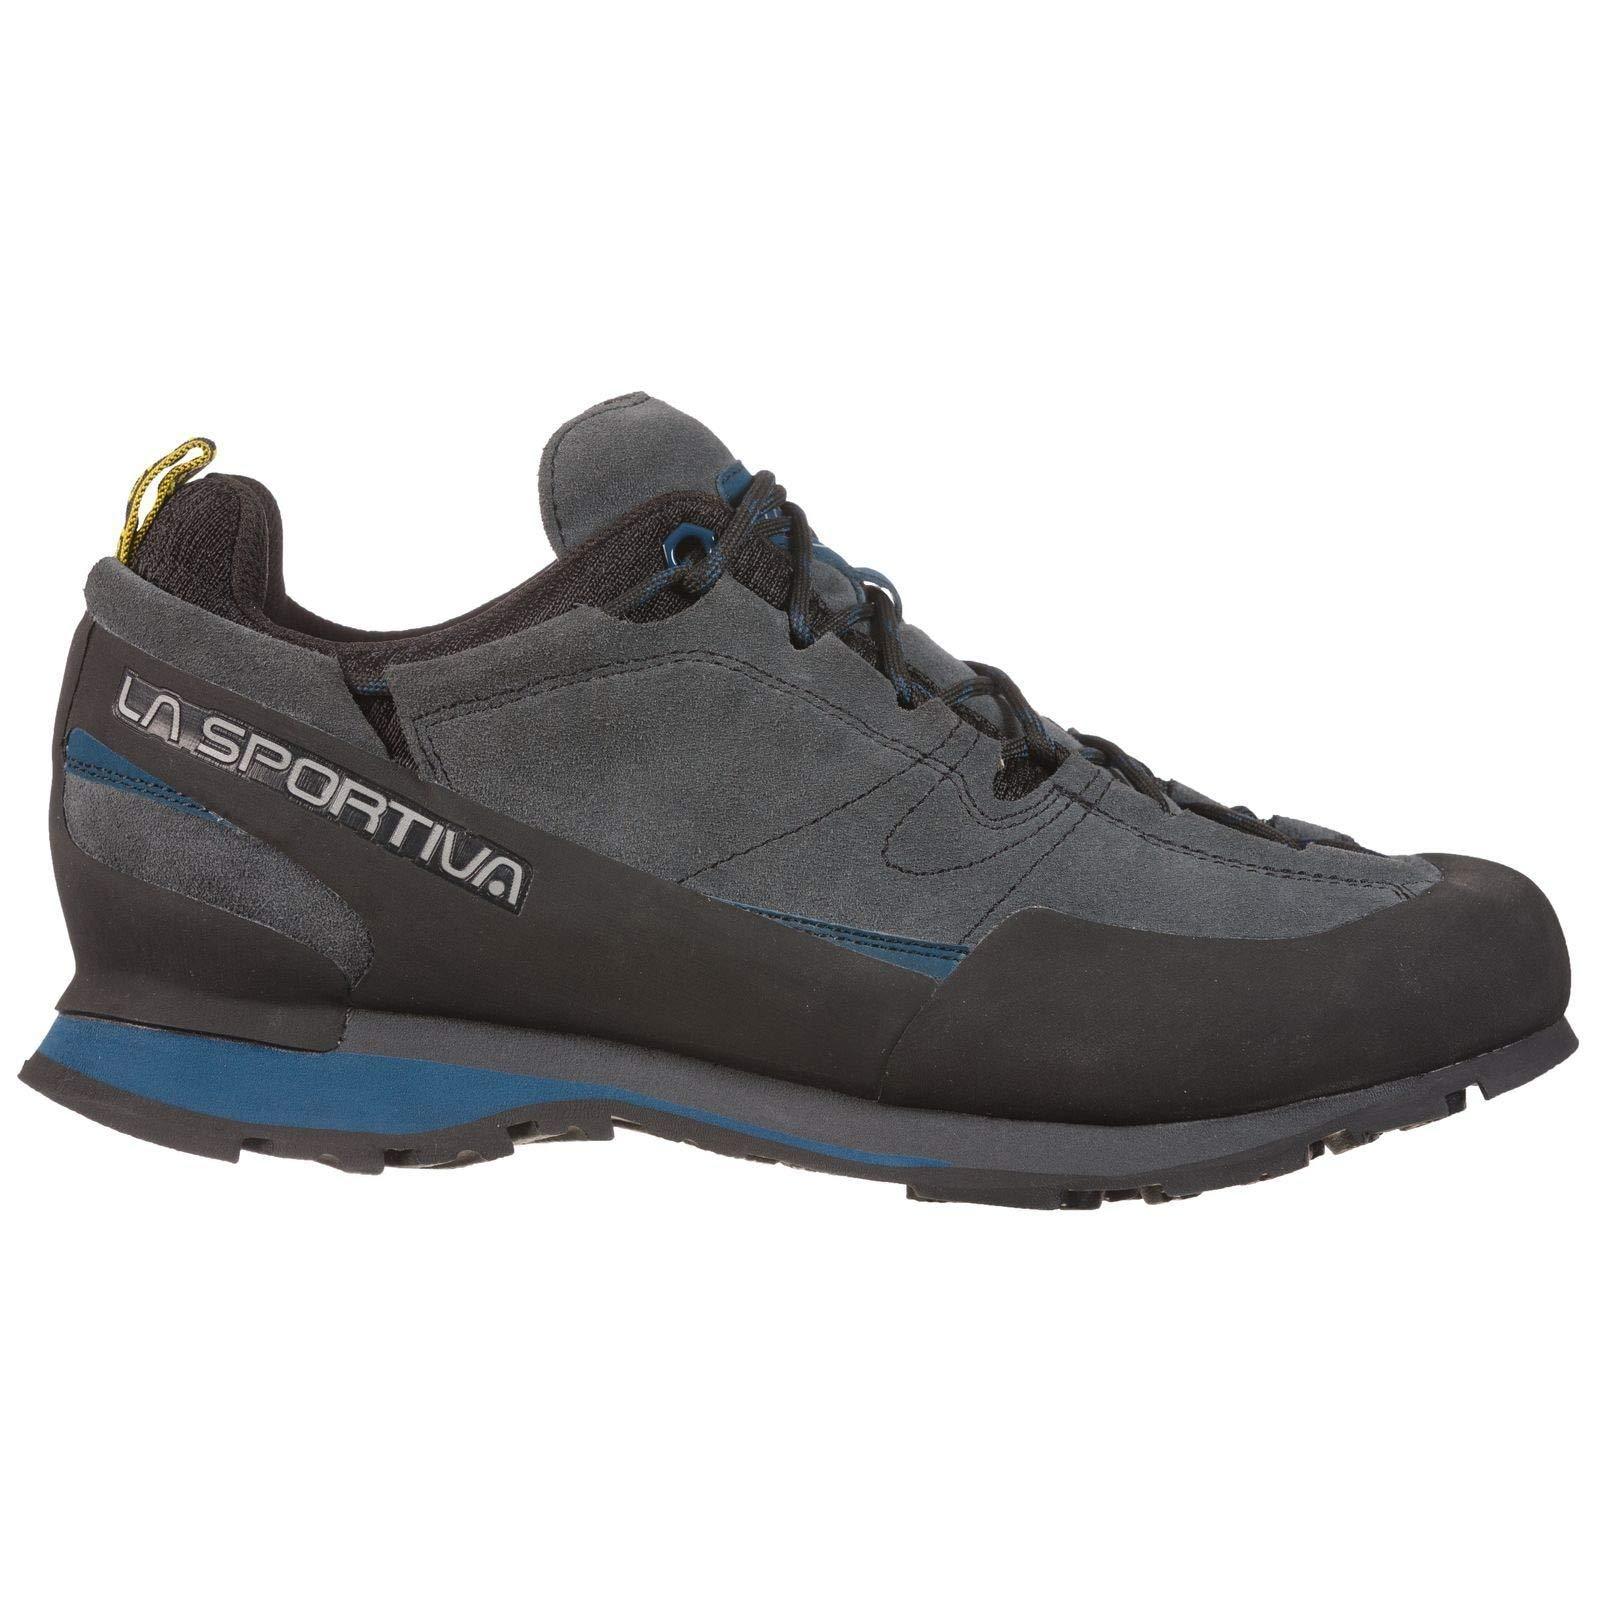 La Sportiva Boulder X Approach Shoe, Carbon/Opal, 43.5 by La Sportiva